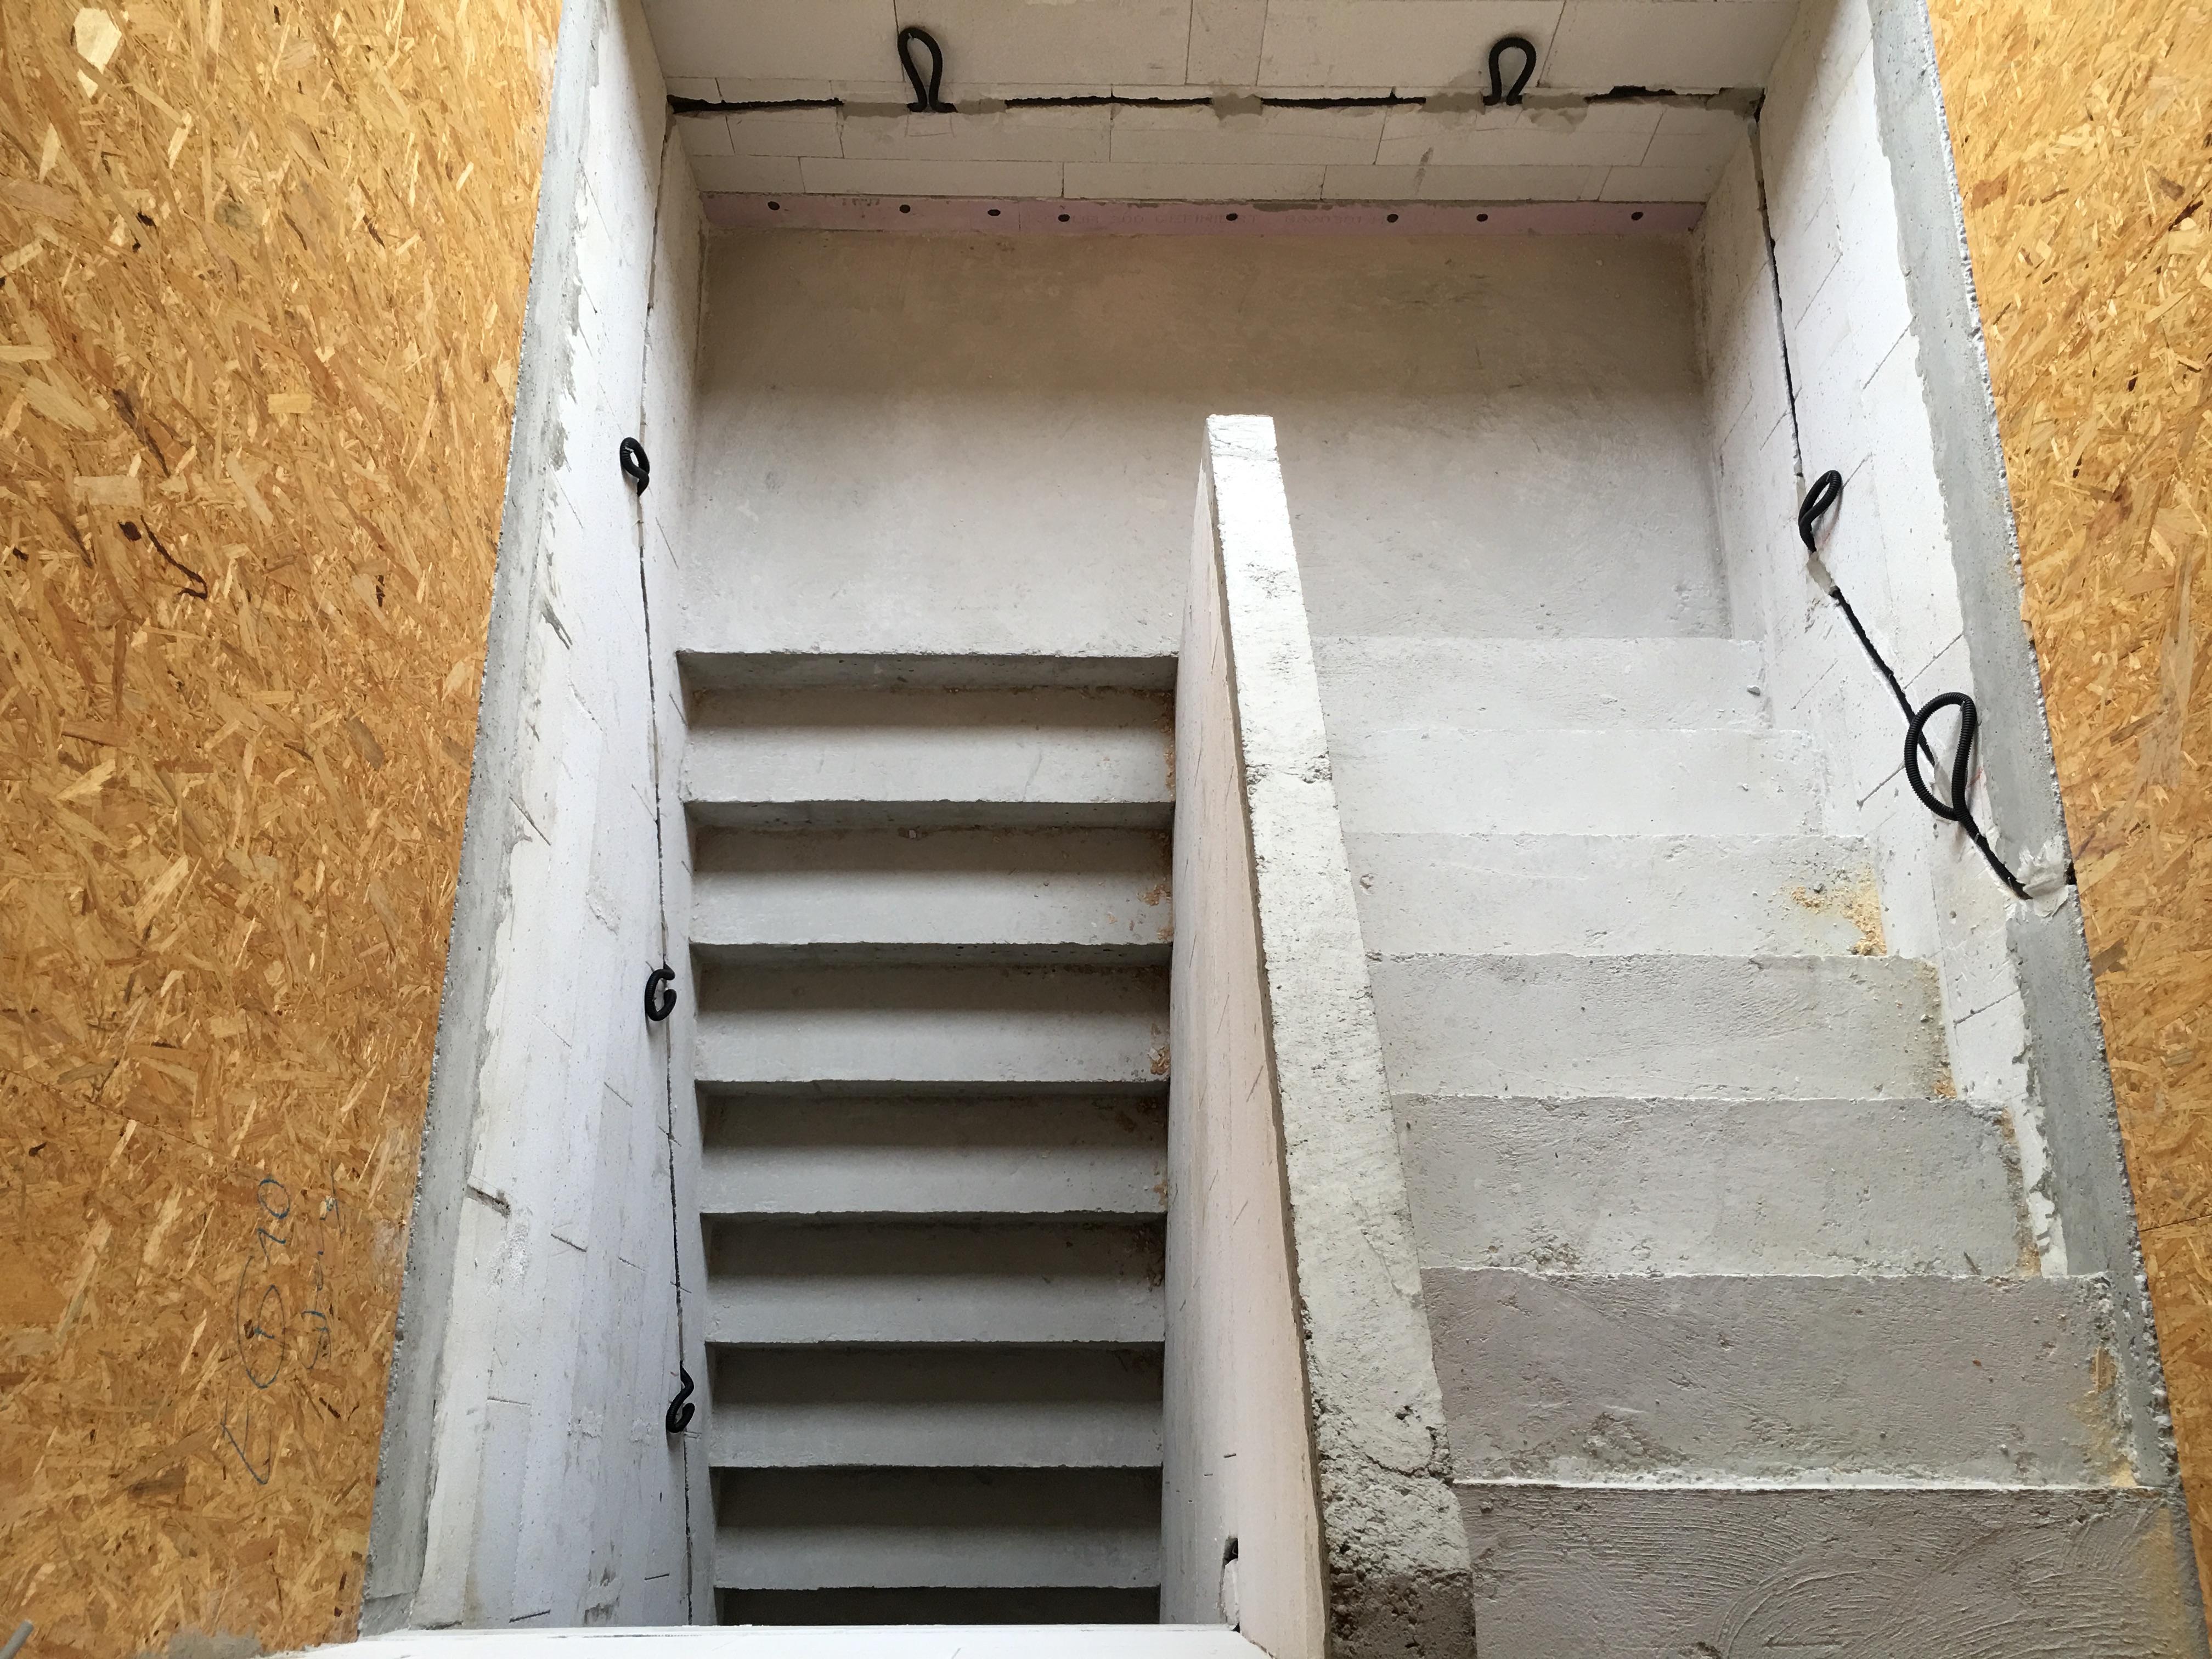 Elektroinstallation Planen Ratgeber Tips Fur Flur Treppenhaus